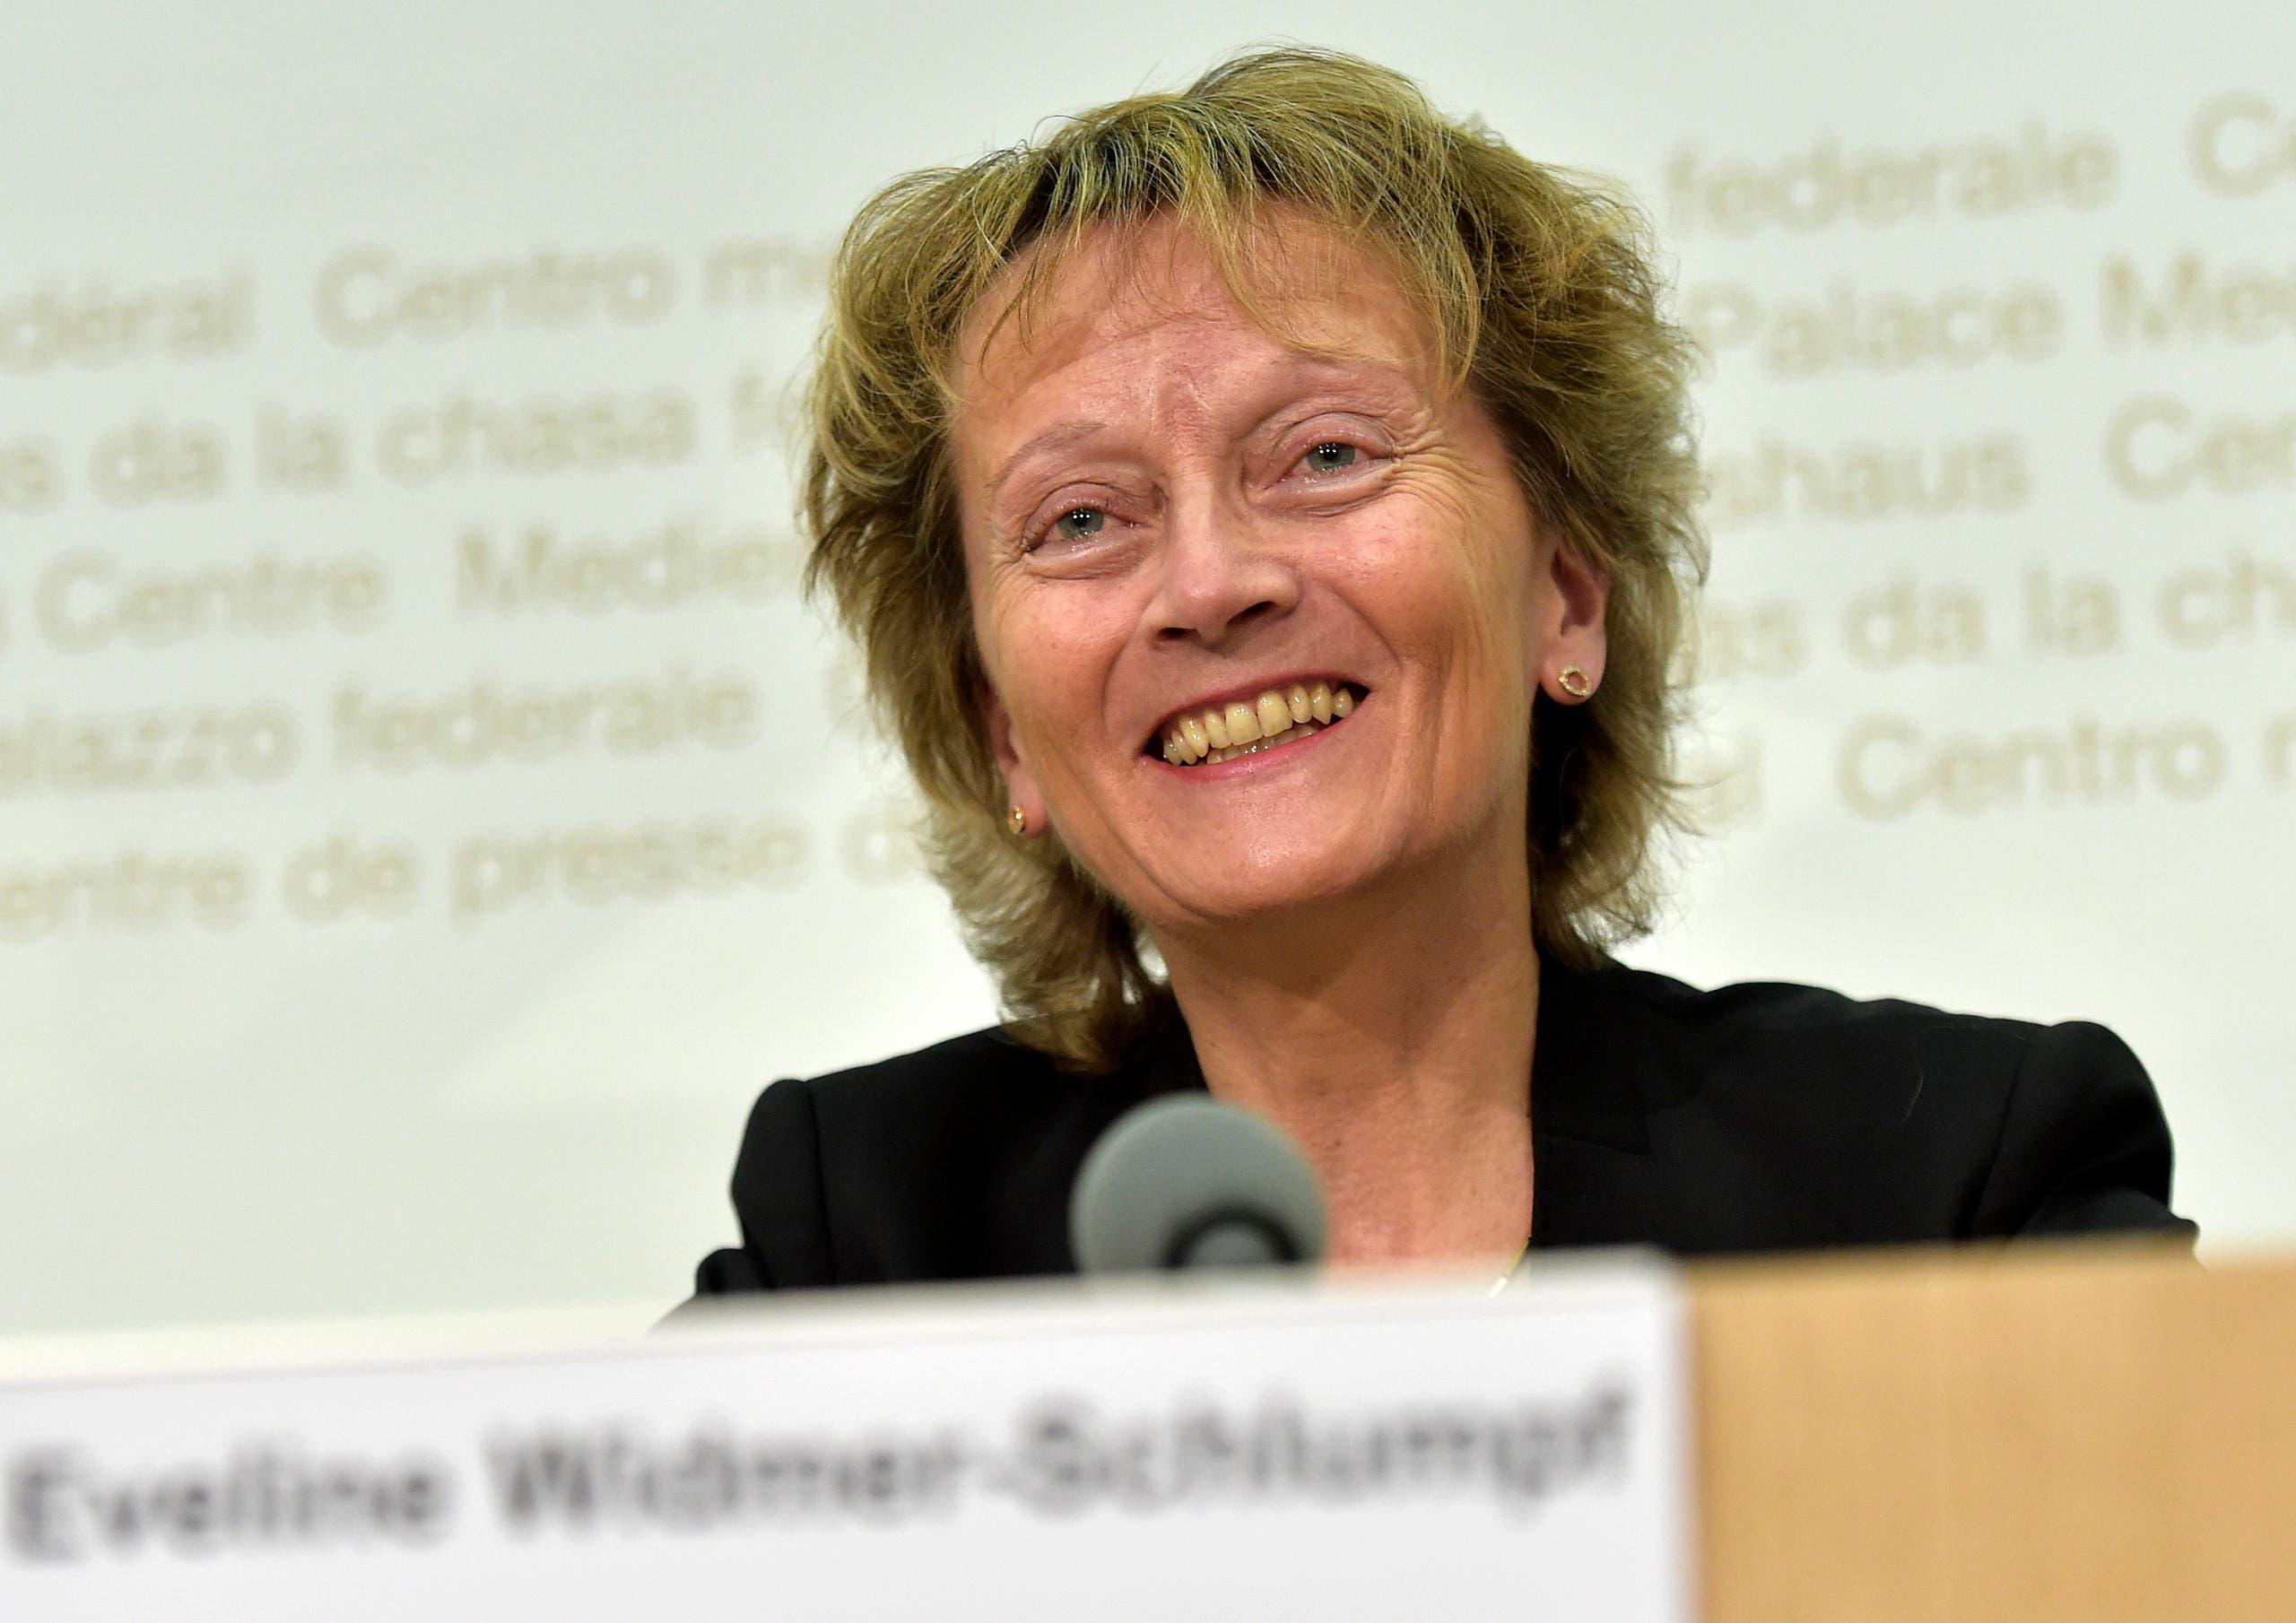 Gut gelaunt erklärt Eveline Widmer-Schlumpf am 28. Oktober 2015 ihren Rücktritt aus dem Bundesrat auf Ende Jahr. (Bild: Keystone / Lukas Lehmann)